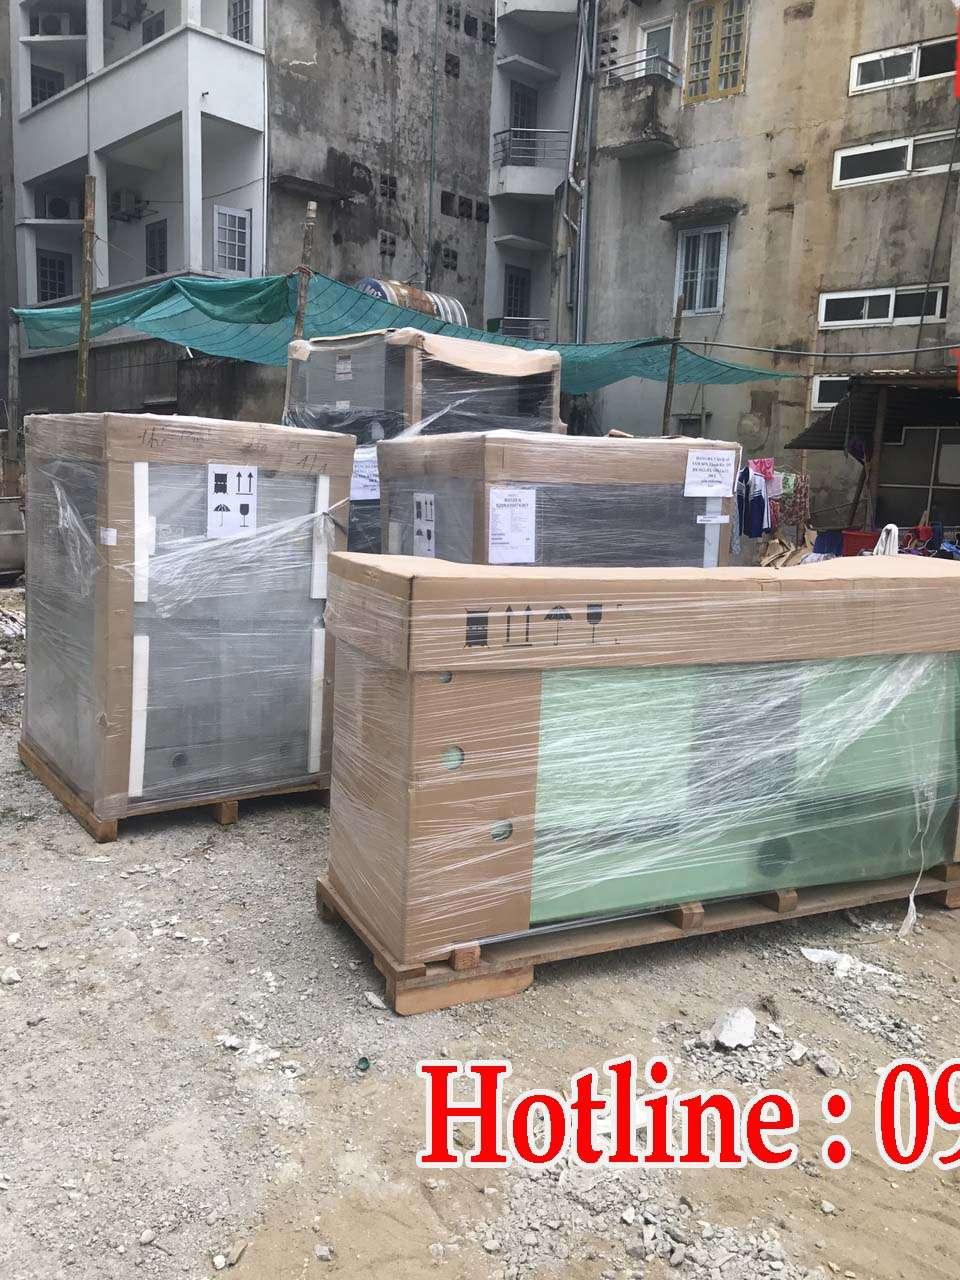 0aebb49a8b0869563019 - Dự án lắp đặt hệ thống giặt là tại khách sạn Sầm Sơn - Thanh Hóa